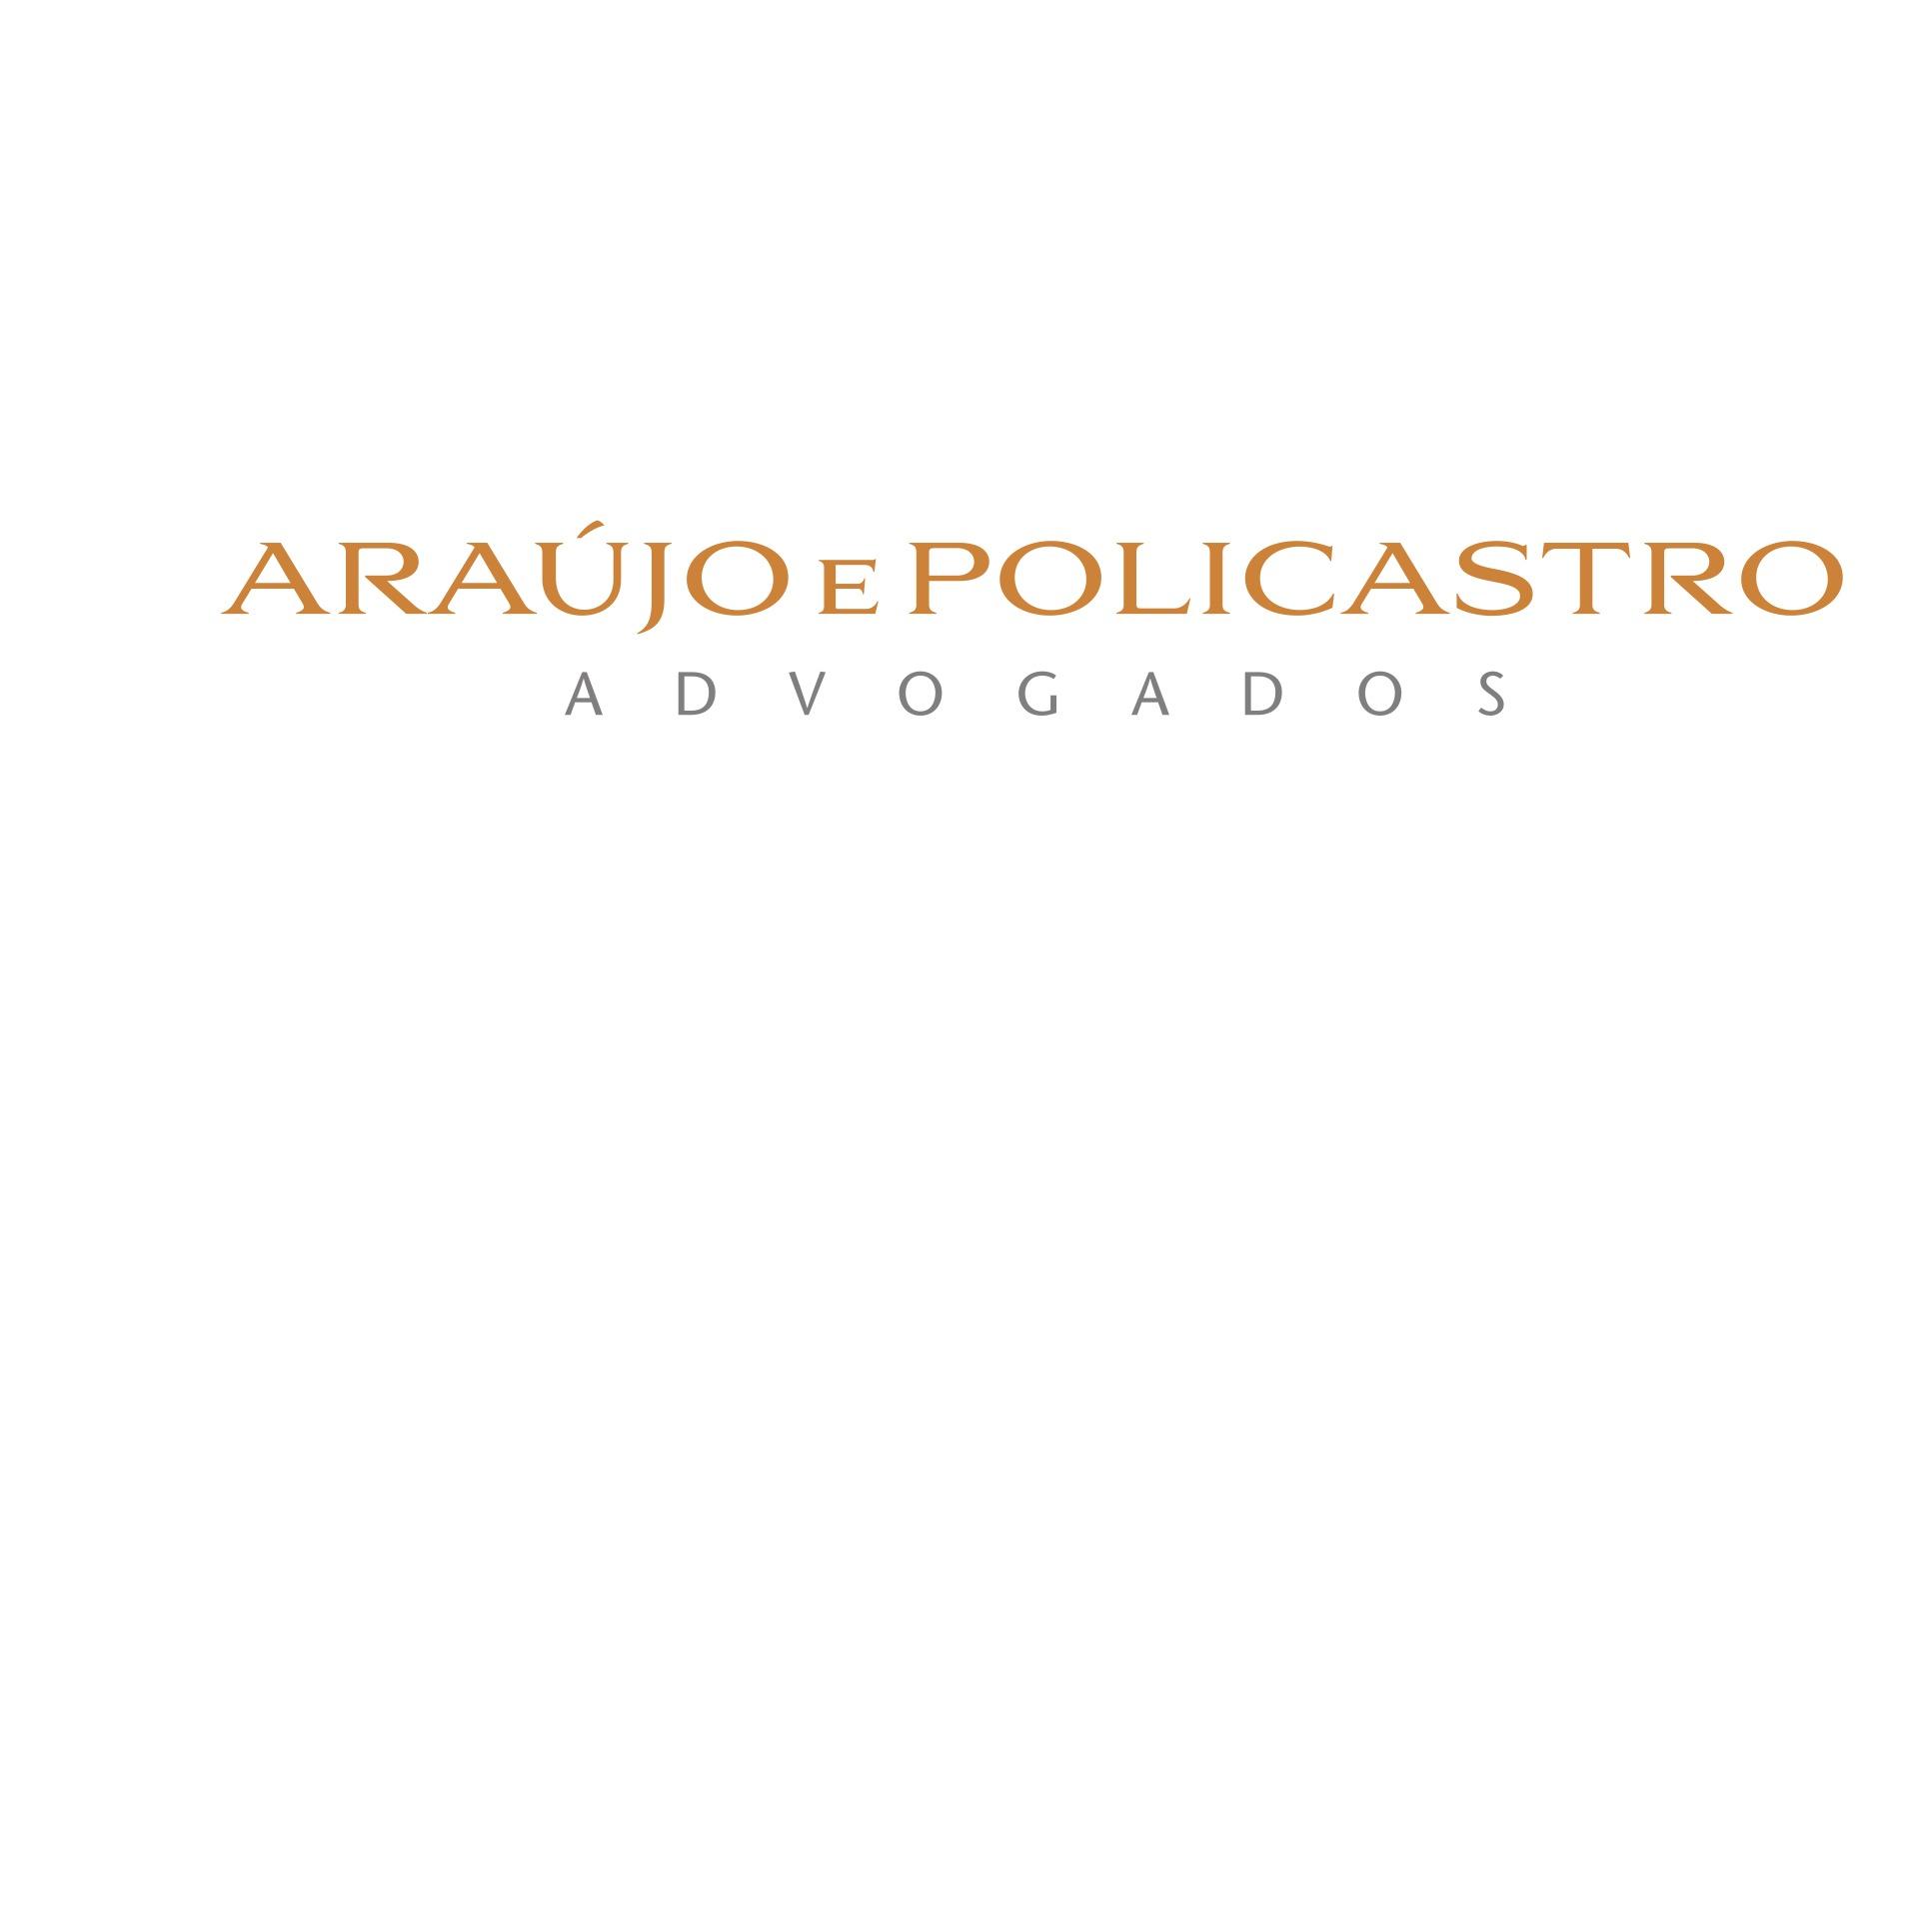 the Araújo e Policastro Advogados logo.